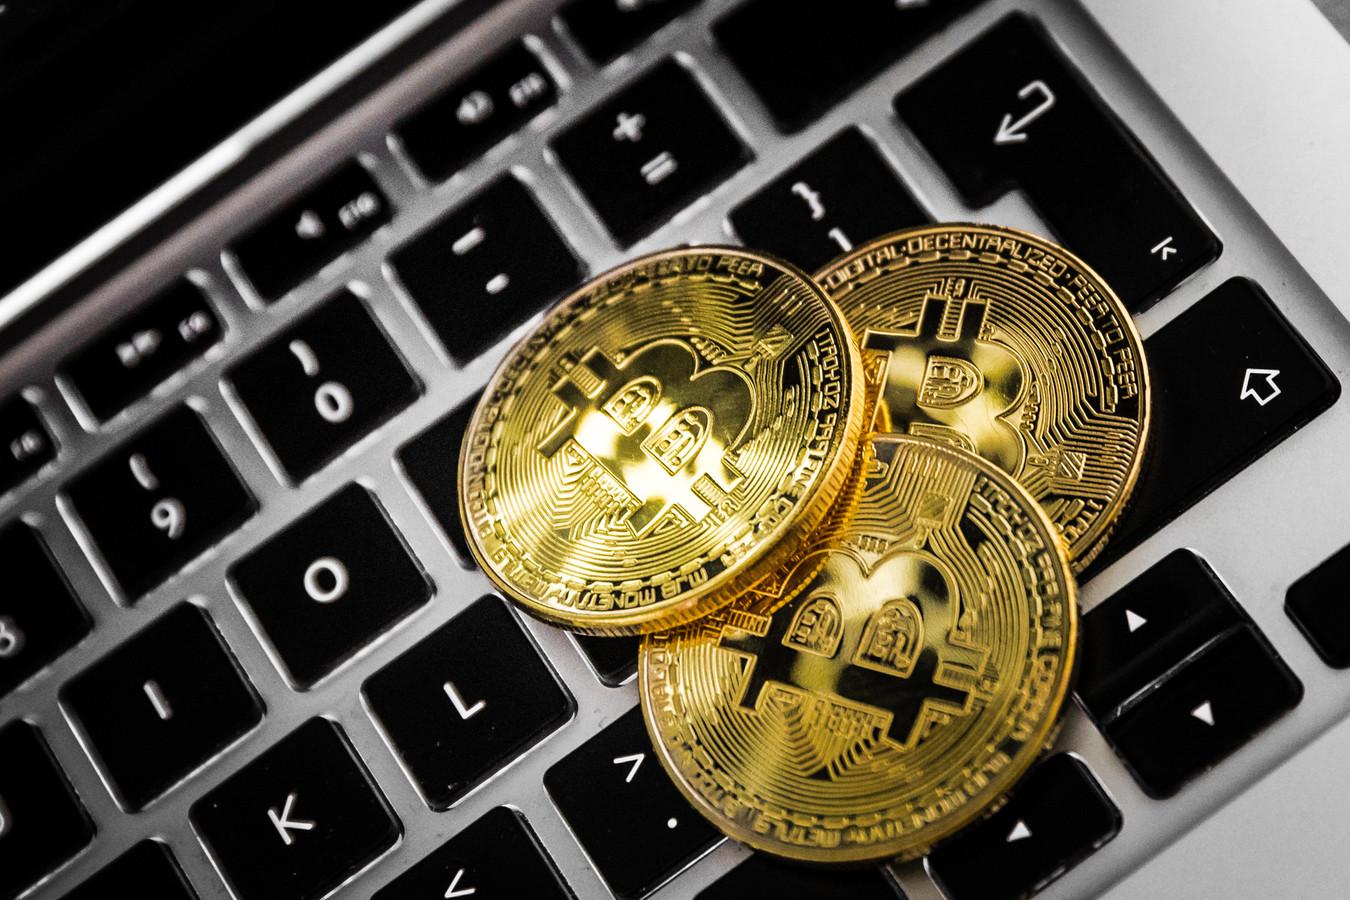 De cryptovaluta Bitcoin. Welke digitale valuta er werd gemined in Rijen, wordt door de politie onderzocht.